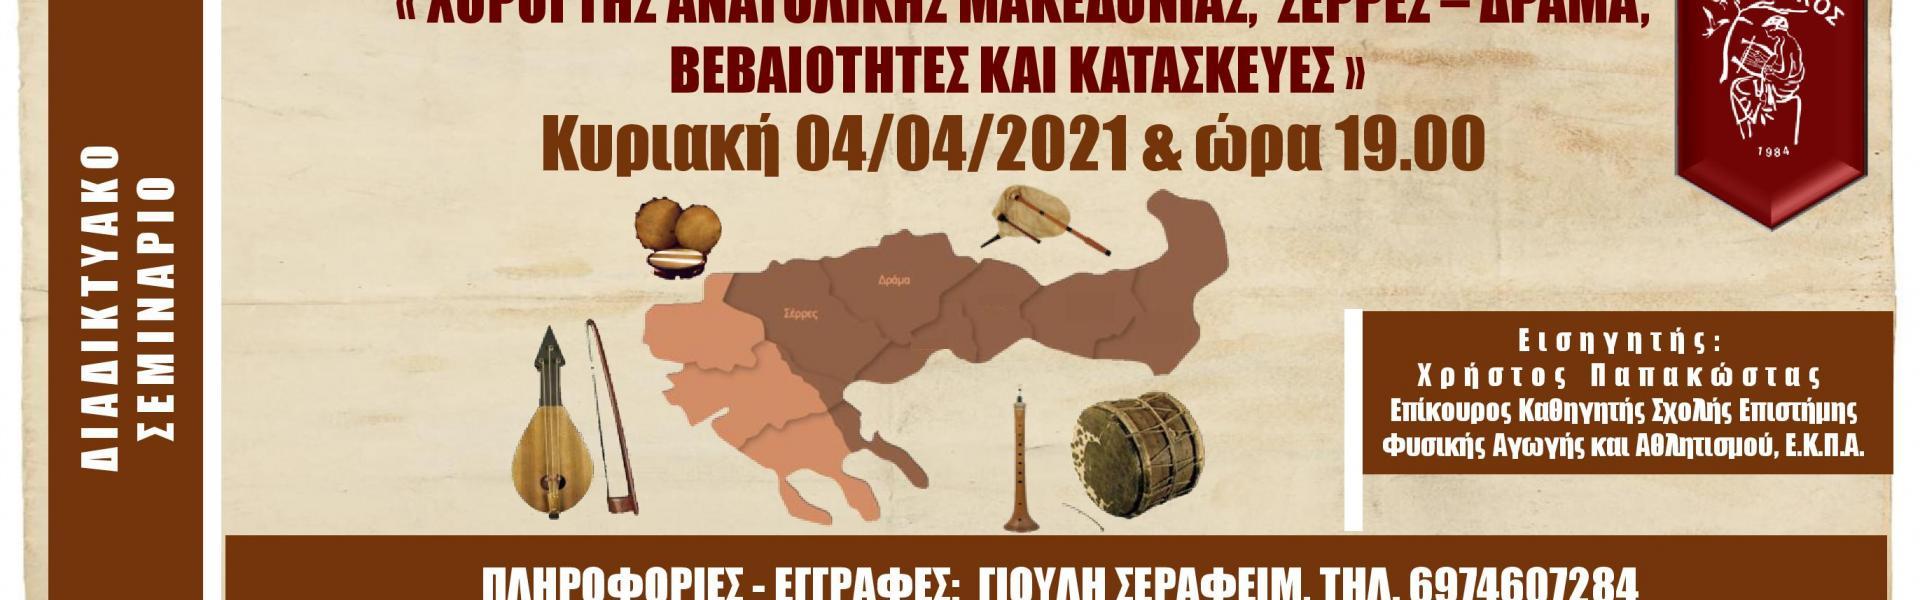 Anatoliki Makedonia poster